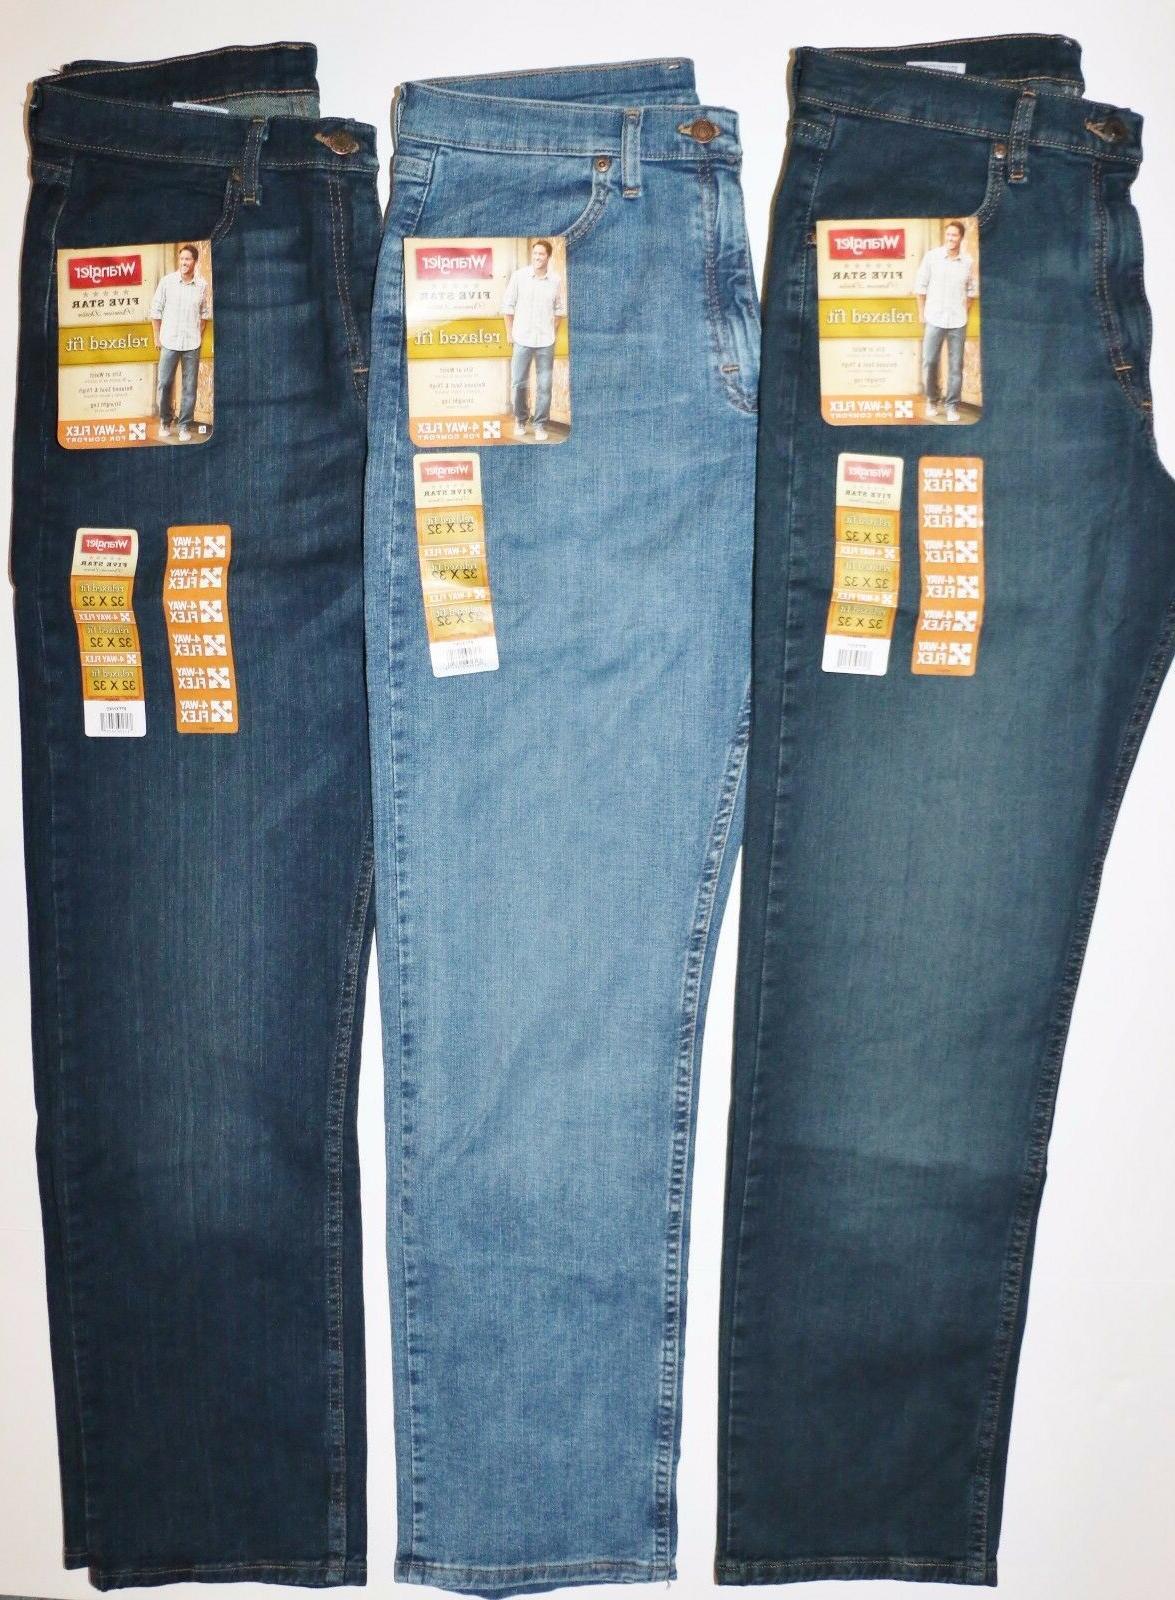 New Wrangler Relaxed Jeans Denim Men's